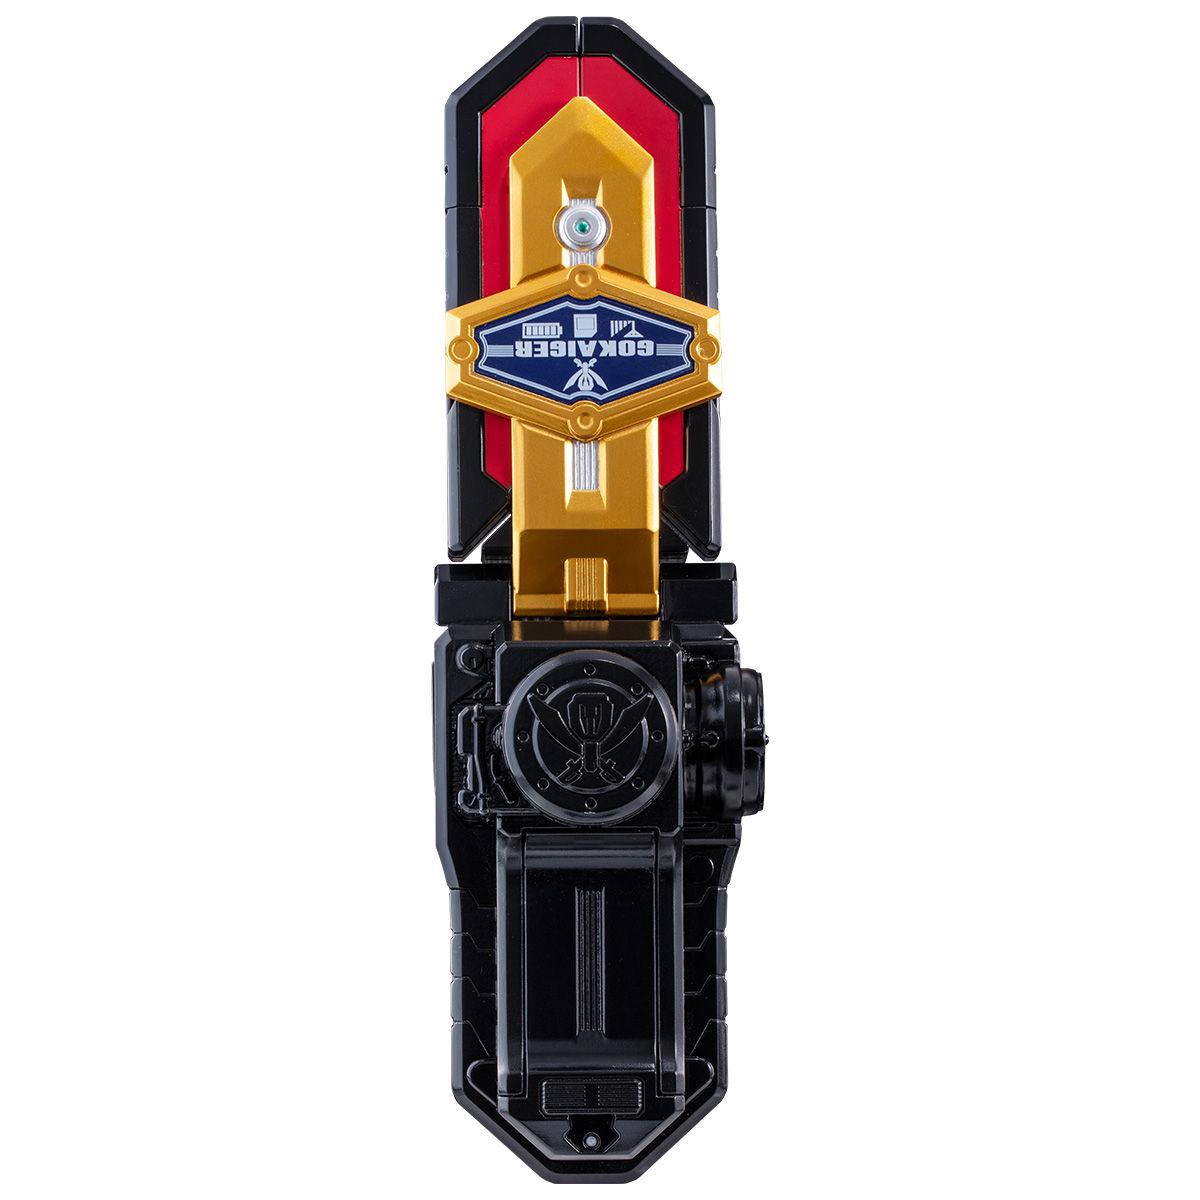 【限定販売】海賊戦隊ゴーカイジャー『モバイレーツ -MEMORIAL EDITION-』変身なりきり-008